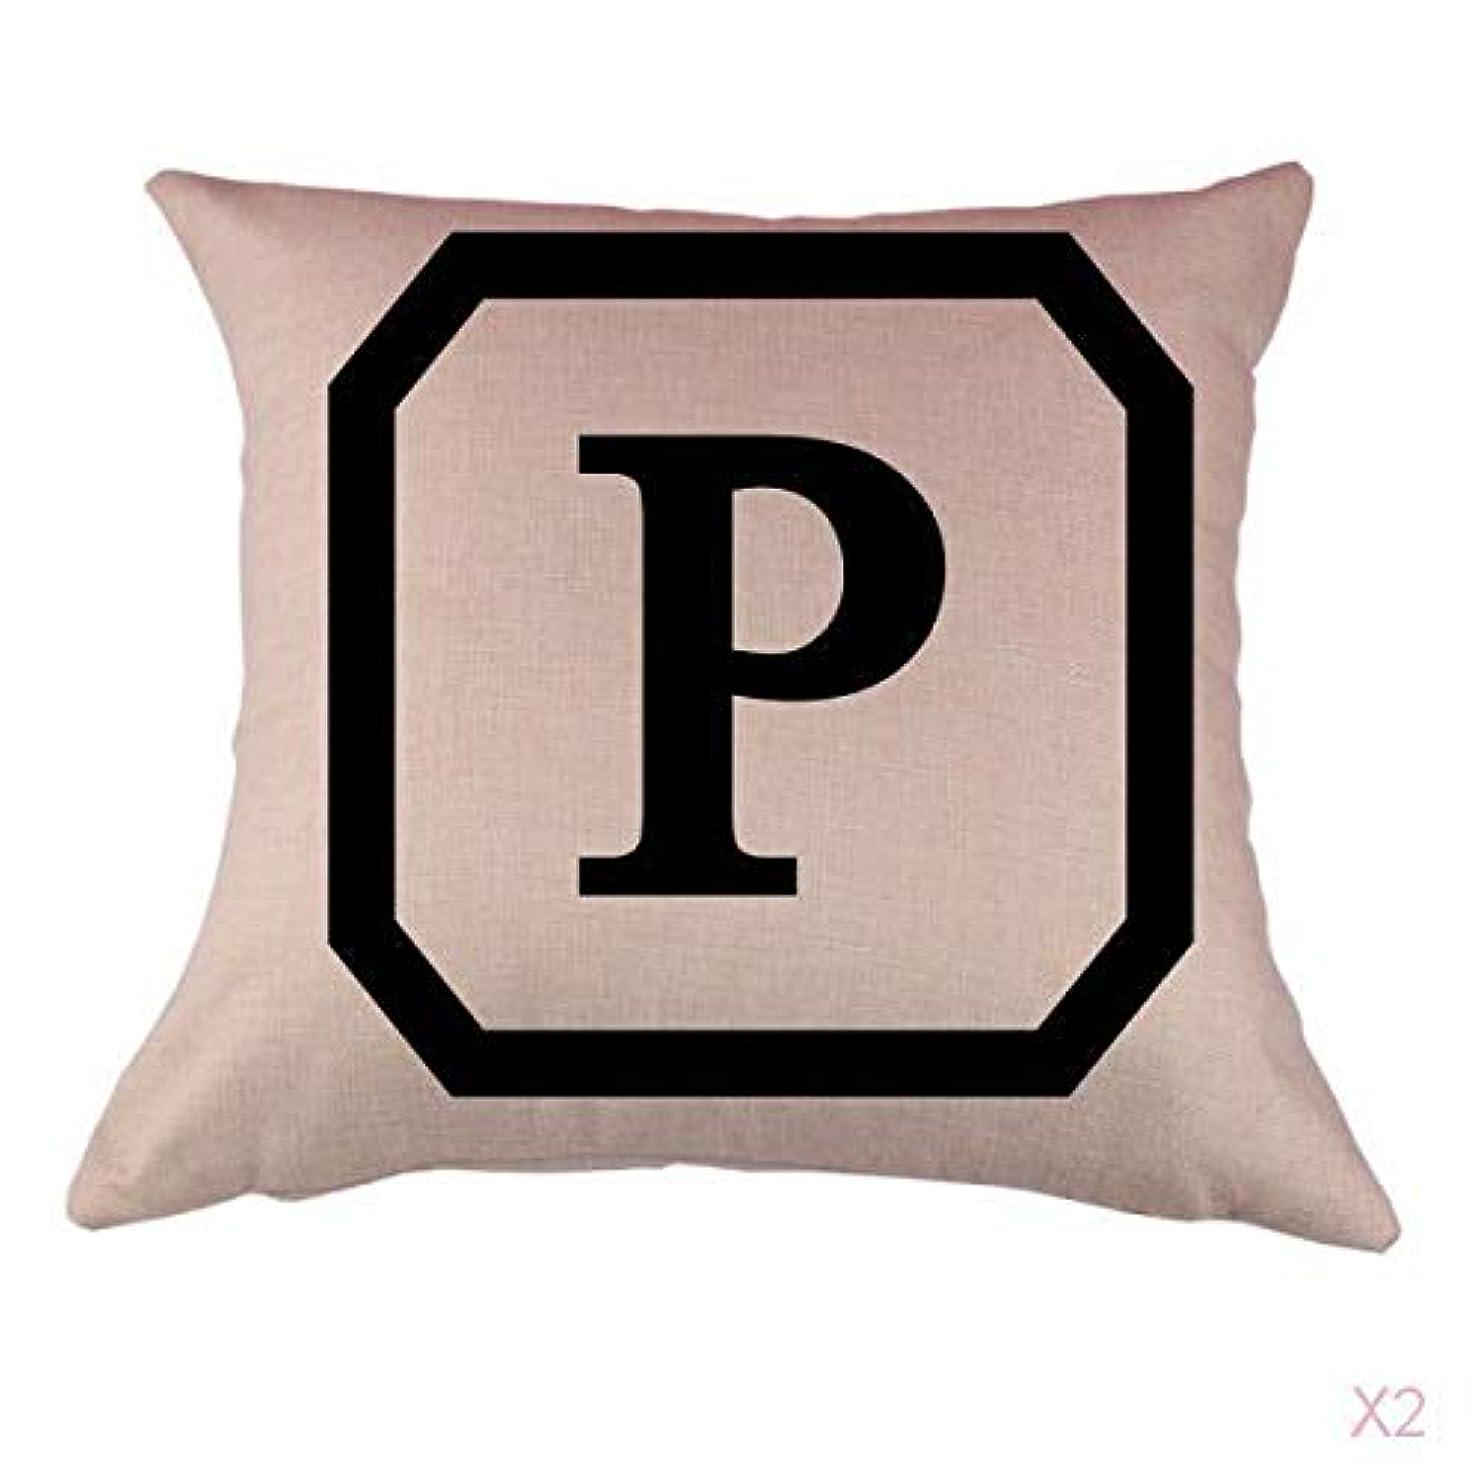 議論する戦士オーバーフローコットンリネンスロー枕カバークッションカバー家の装飾頭文字P